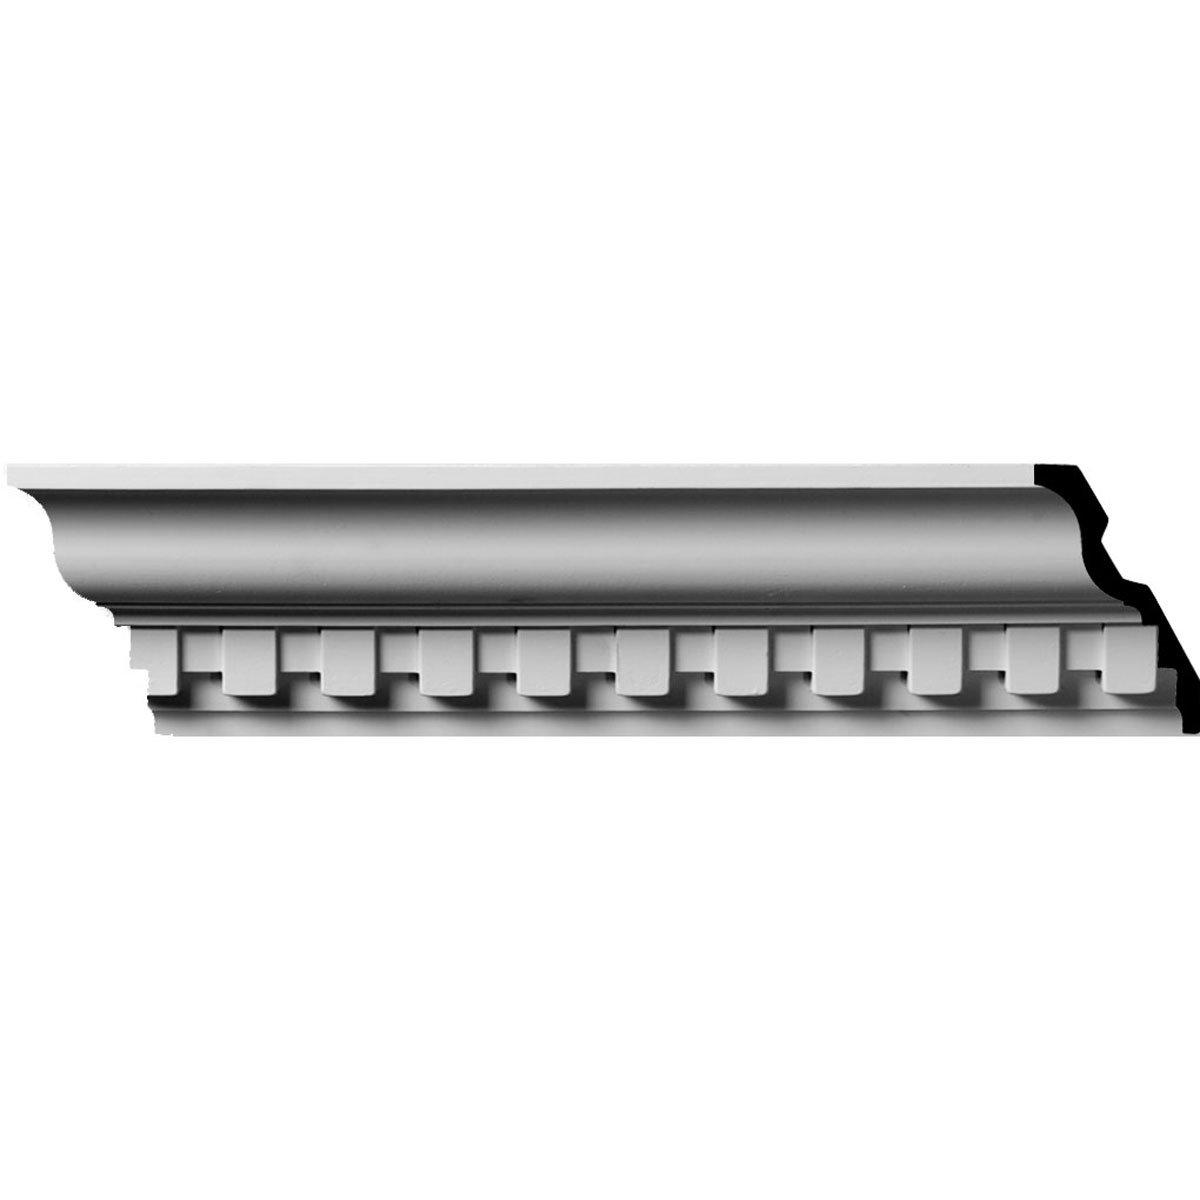 4 5/8''H x 2 7/8''P x 5 1/2''F x 94 1/2''L, (1 3/8'' Repeat) Dentil Crown Moulding